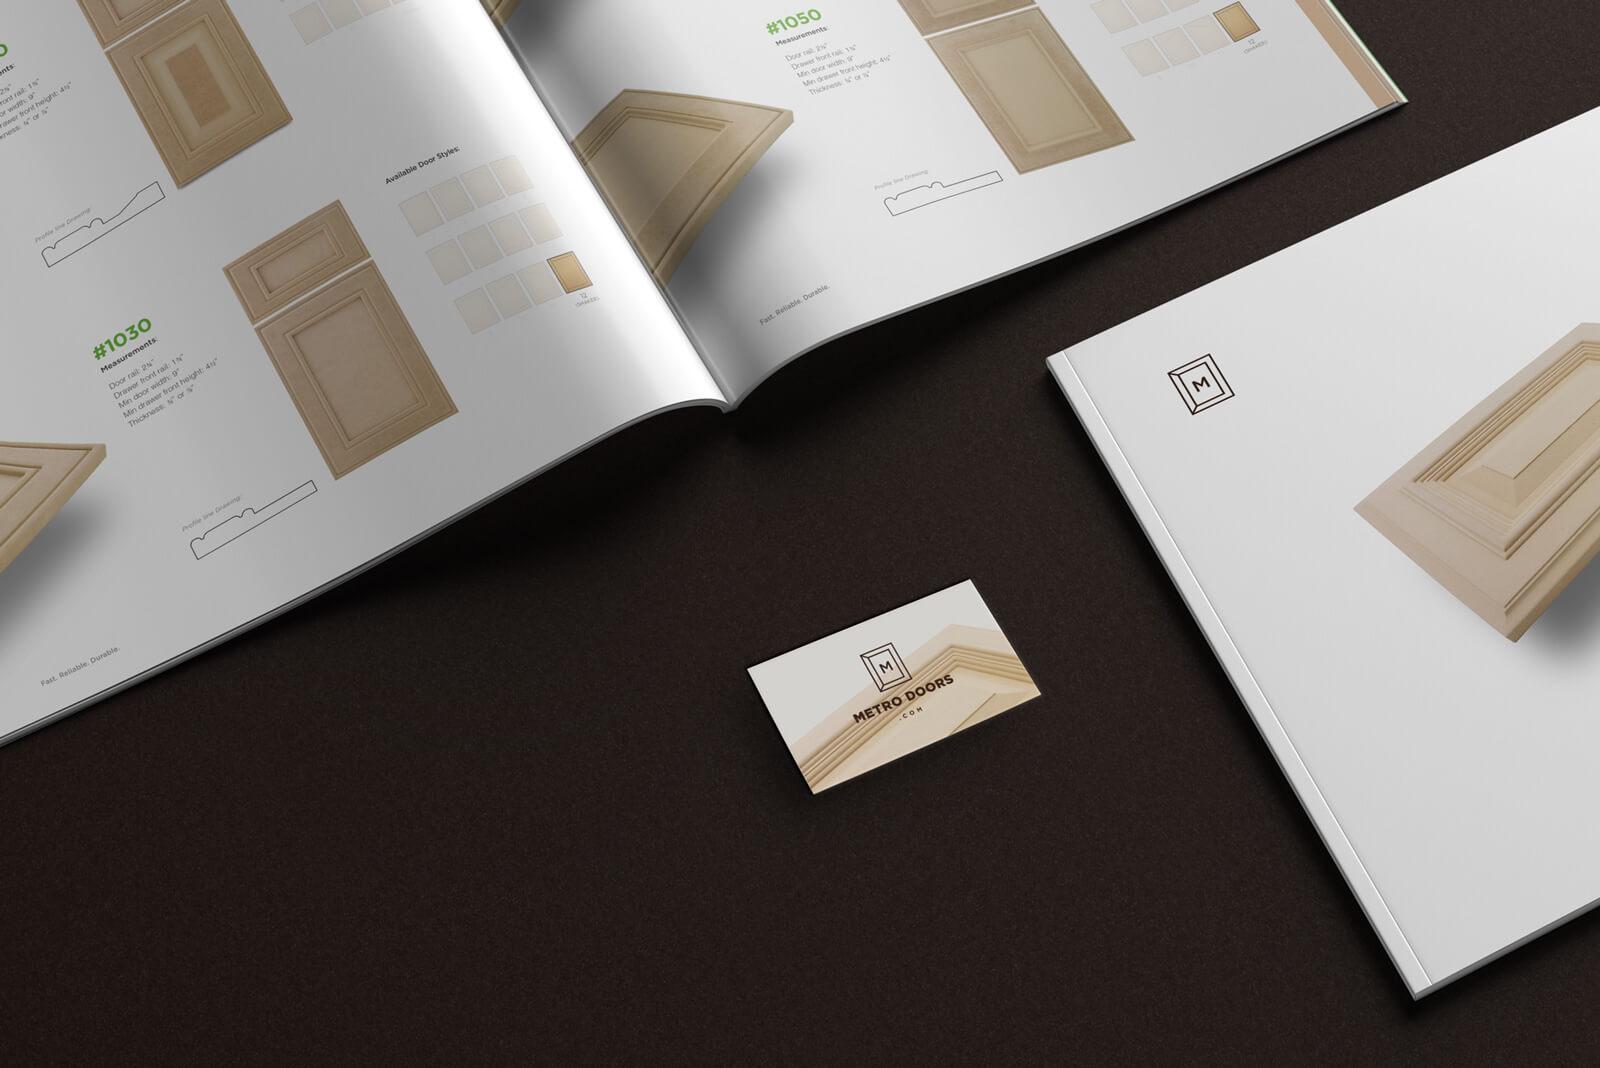 metrodoors-branding-catalog-6